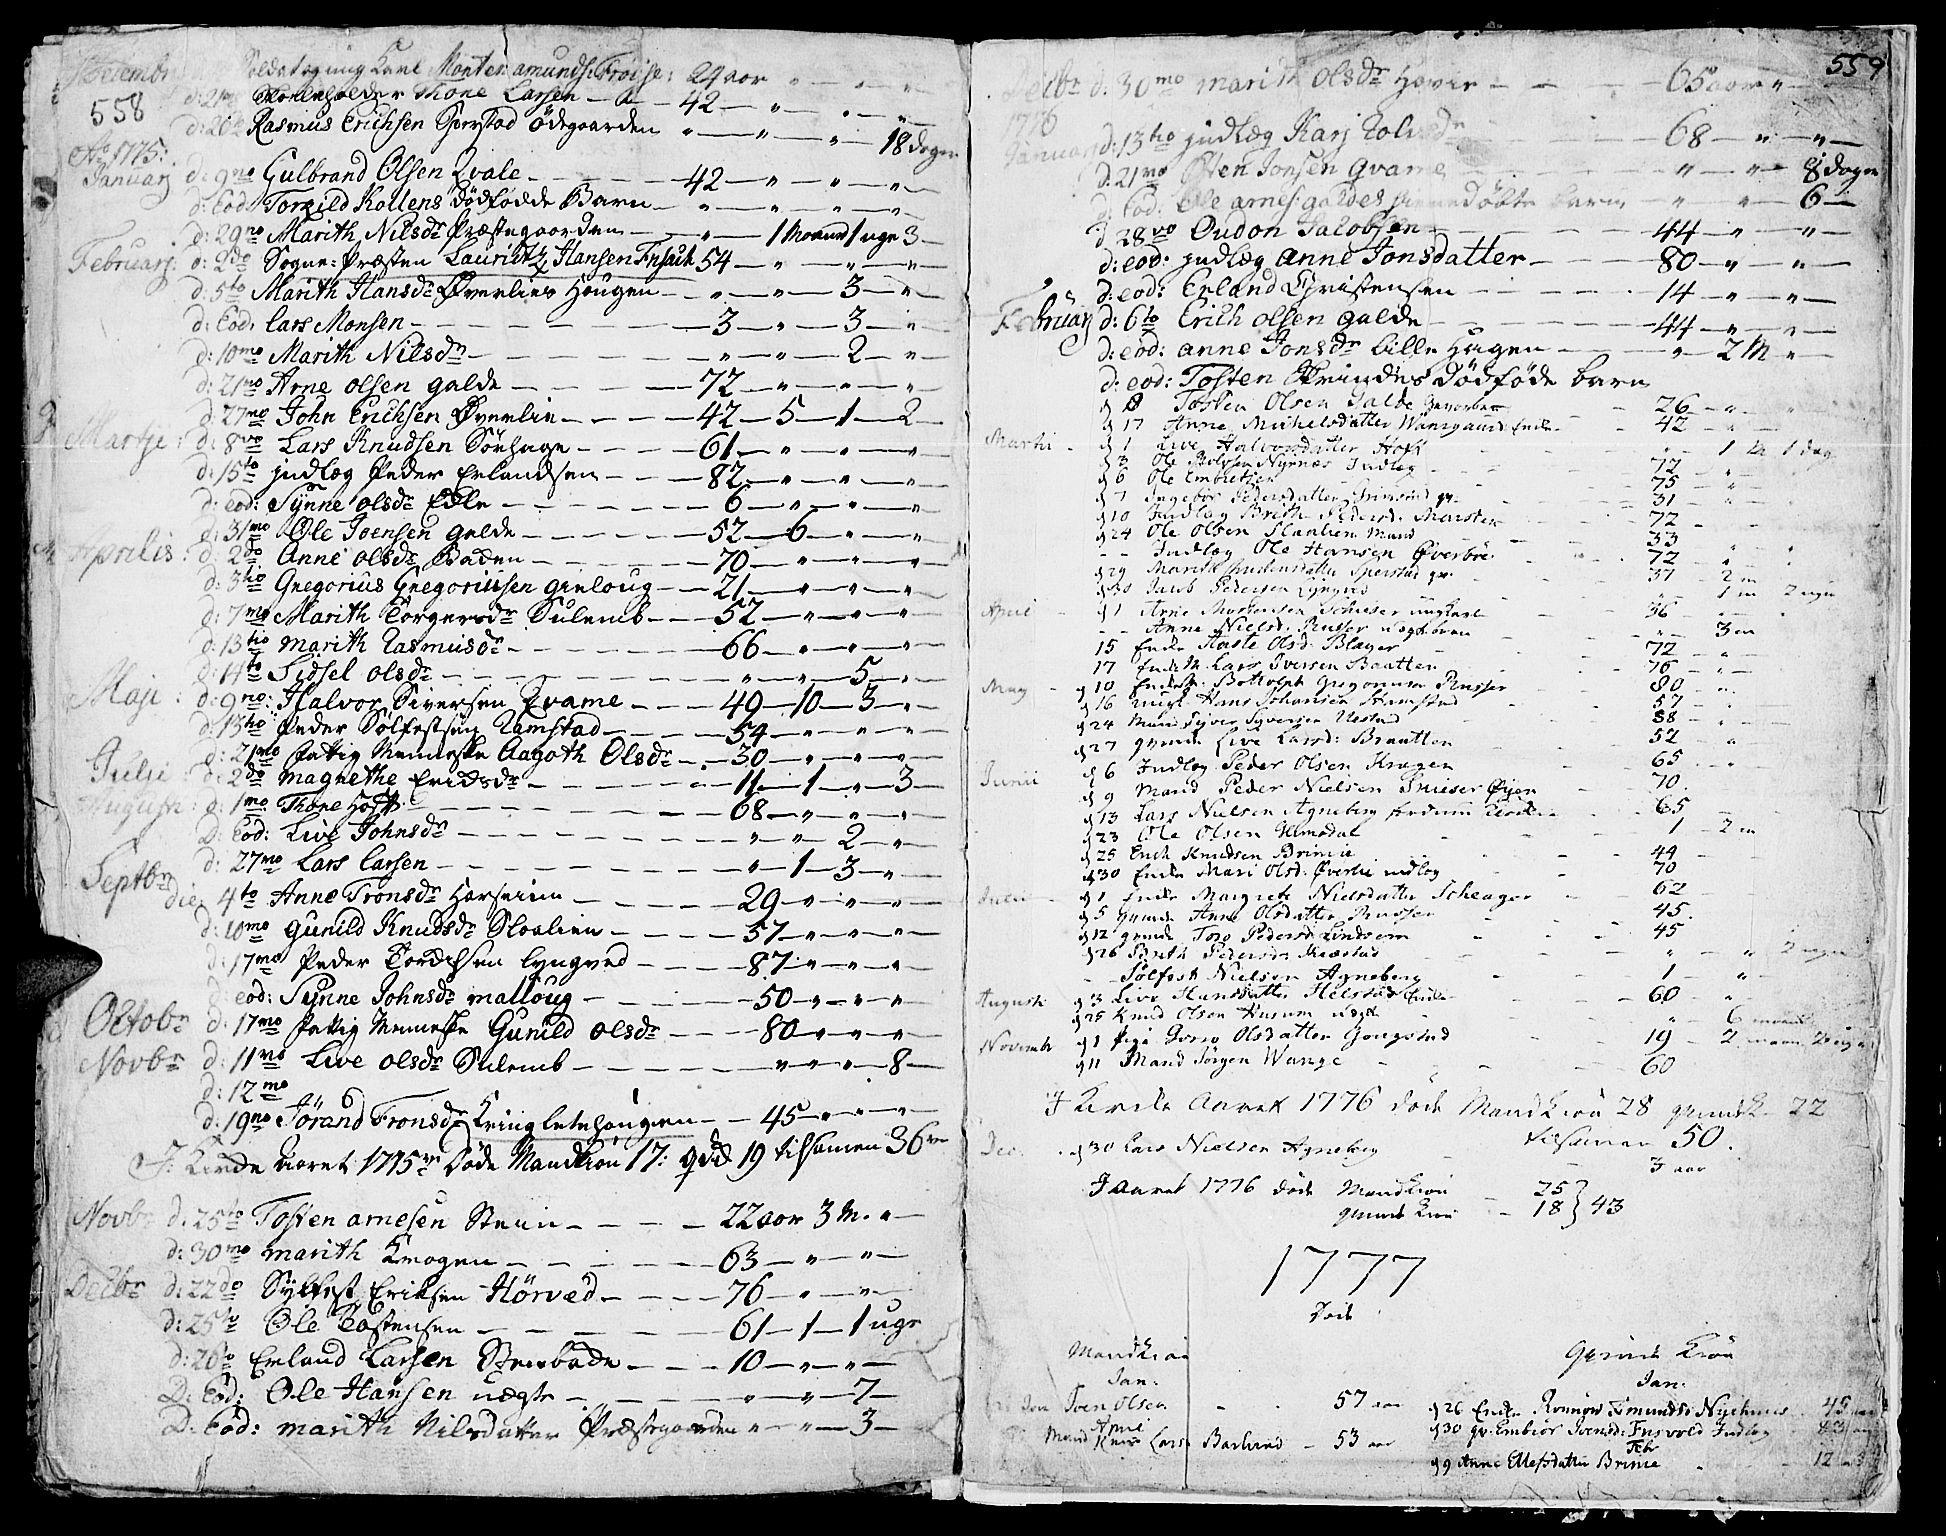 SAH, Lom prestekontor, K/L0002: Ministerialbok nr. 2, 1749-1801, s. 558-559